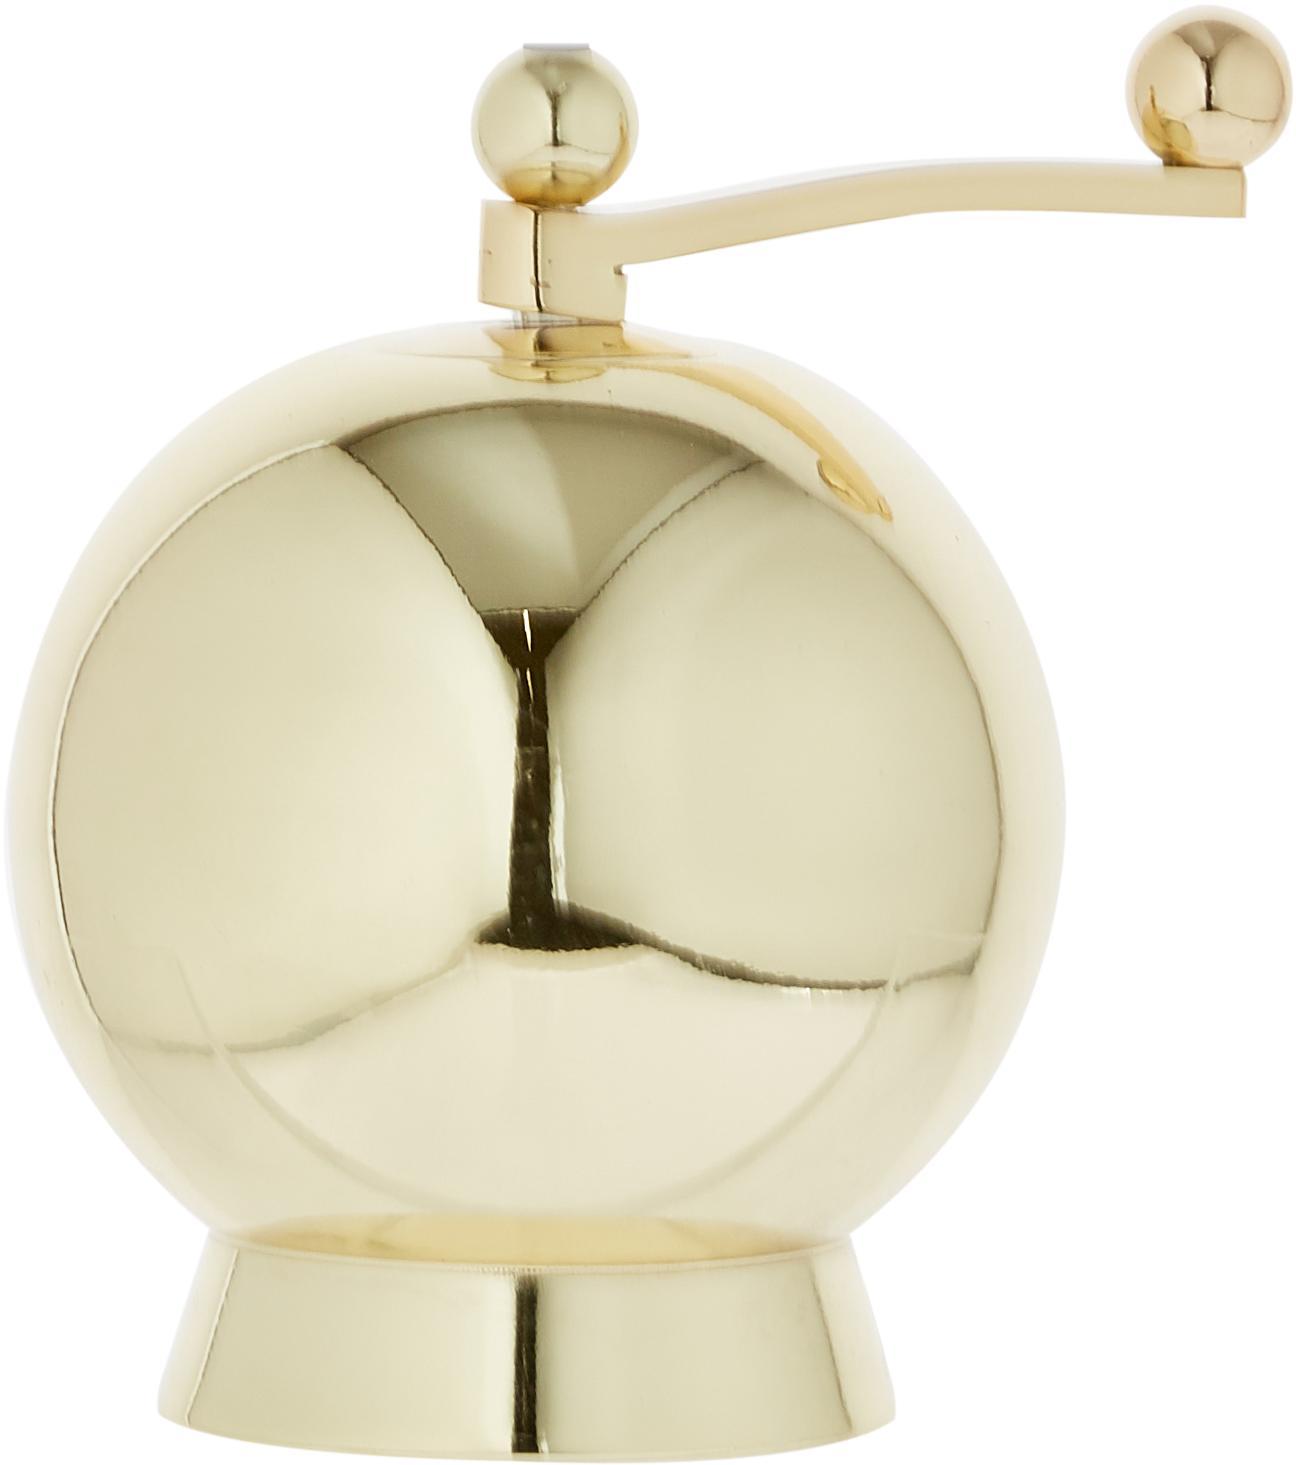 Zout- en pepermolenset Quijote, 2-delig, Grinder: , Zoutmolen: kunststof, Pepermolen: metaal, Goudkleurig, Ø 8 x H 12 cm